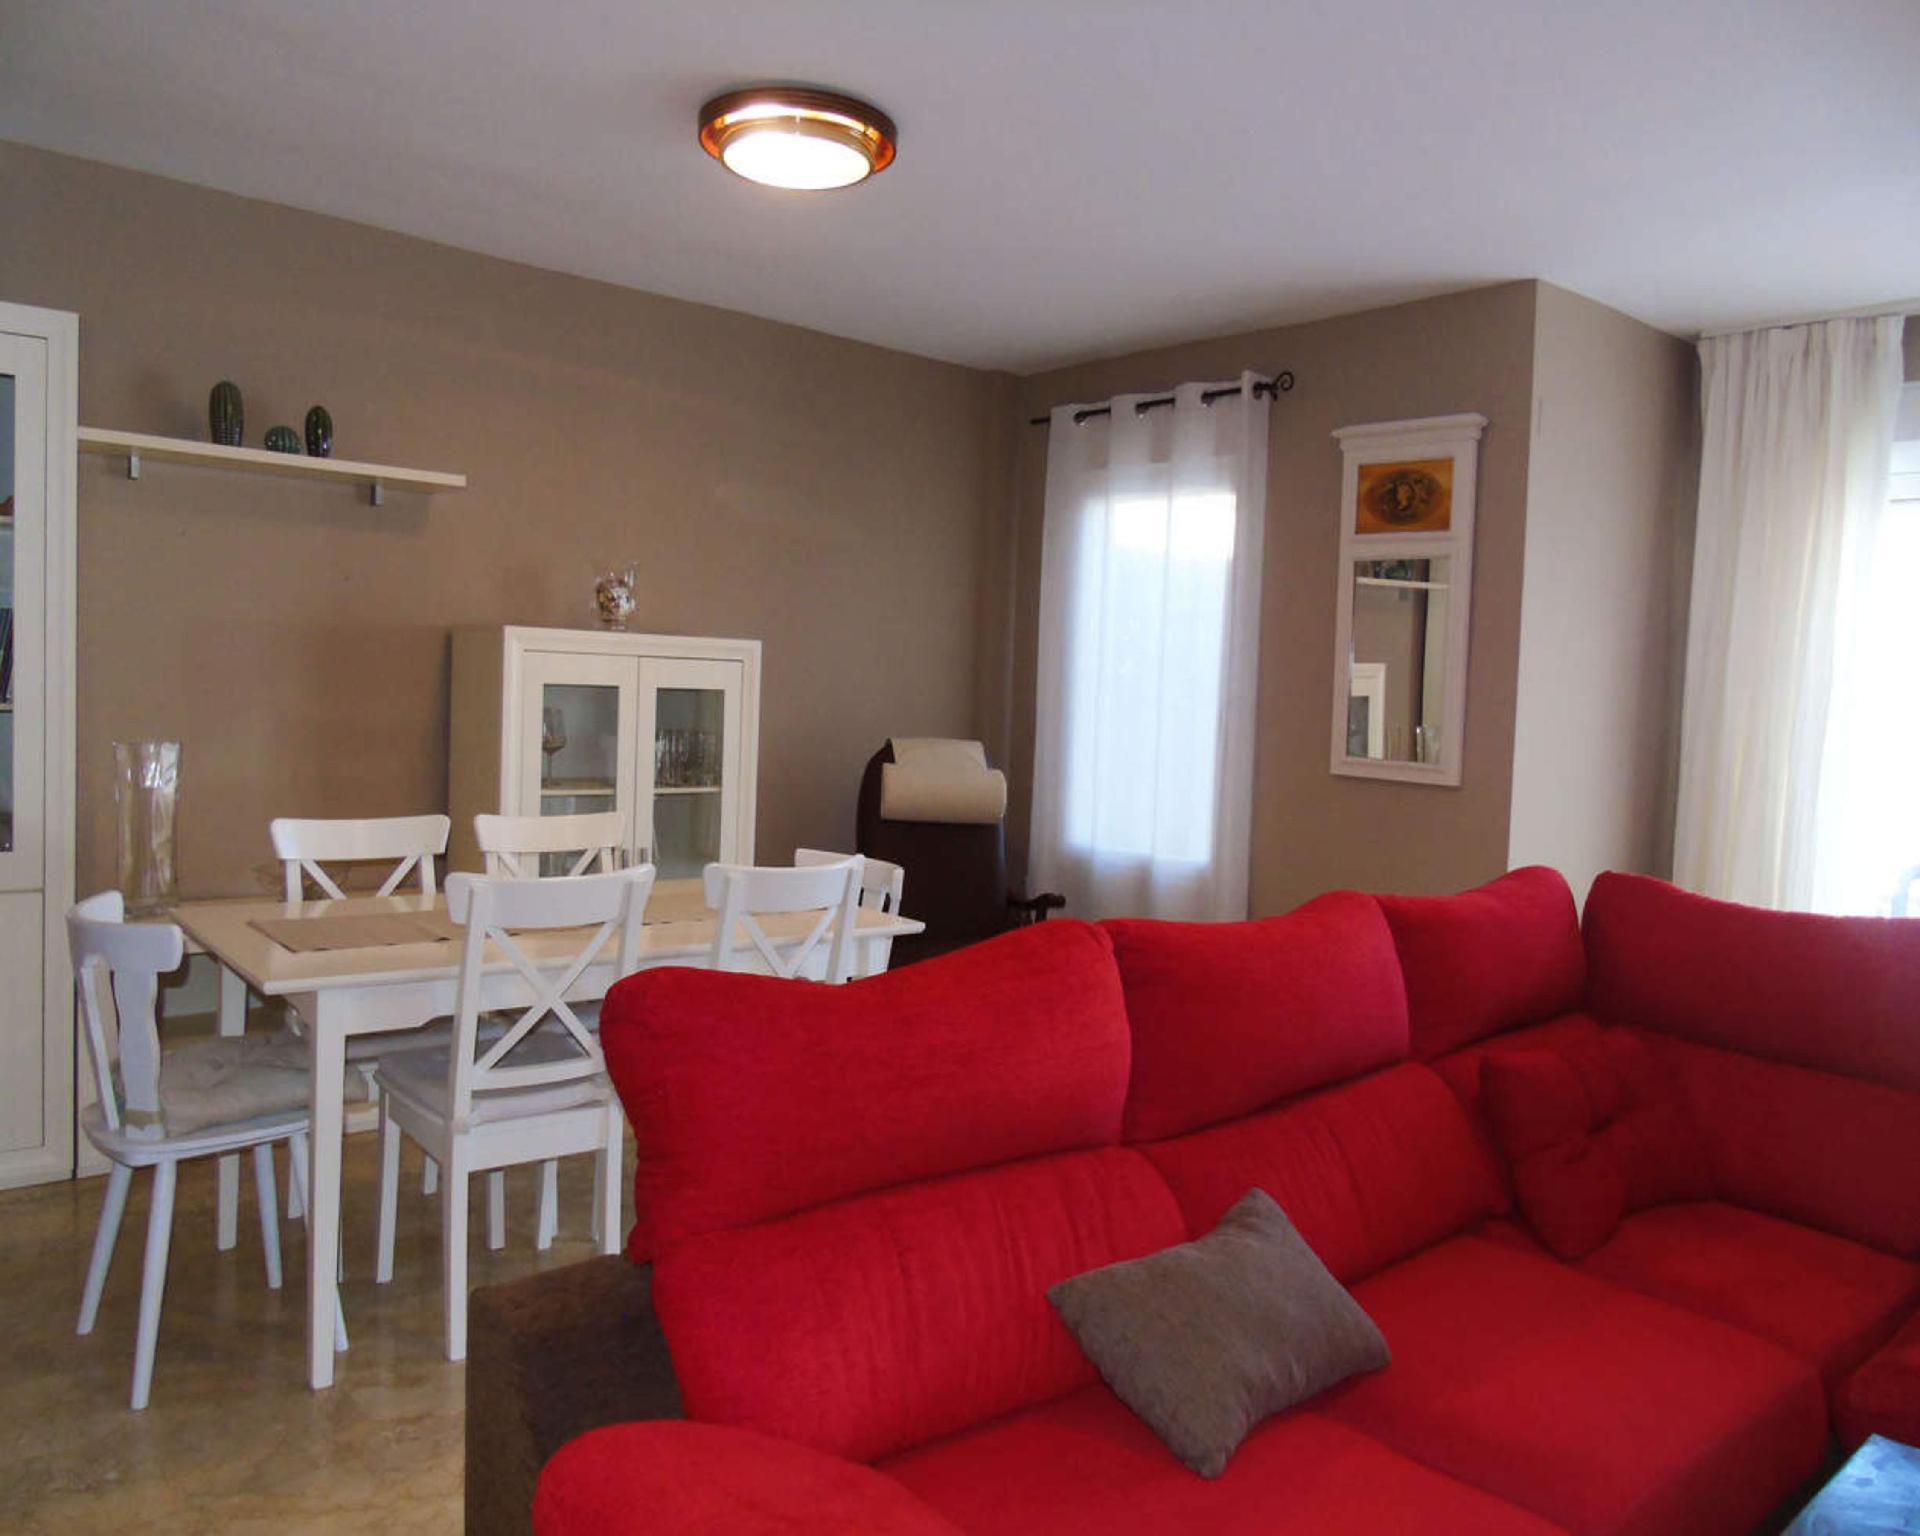 106929   House In Caleta Velez